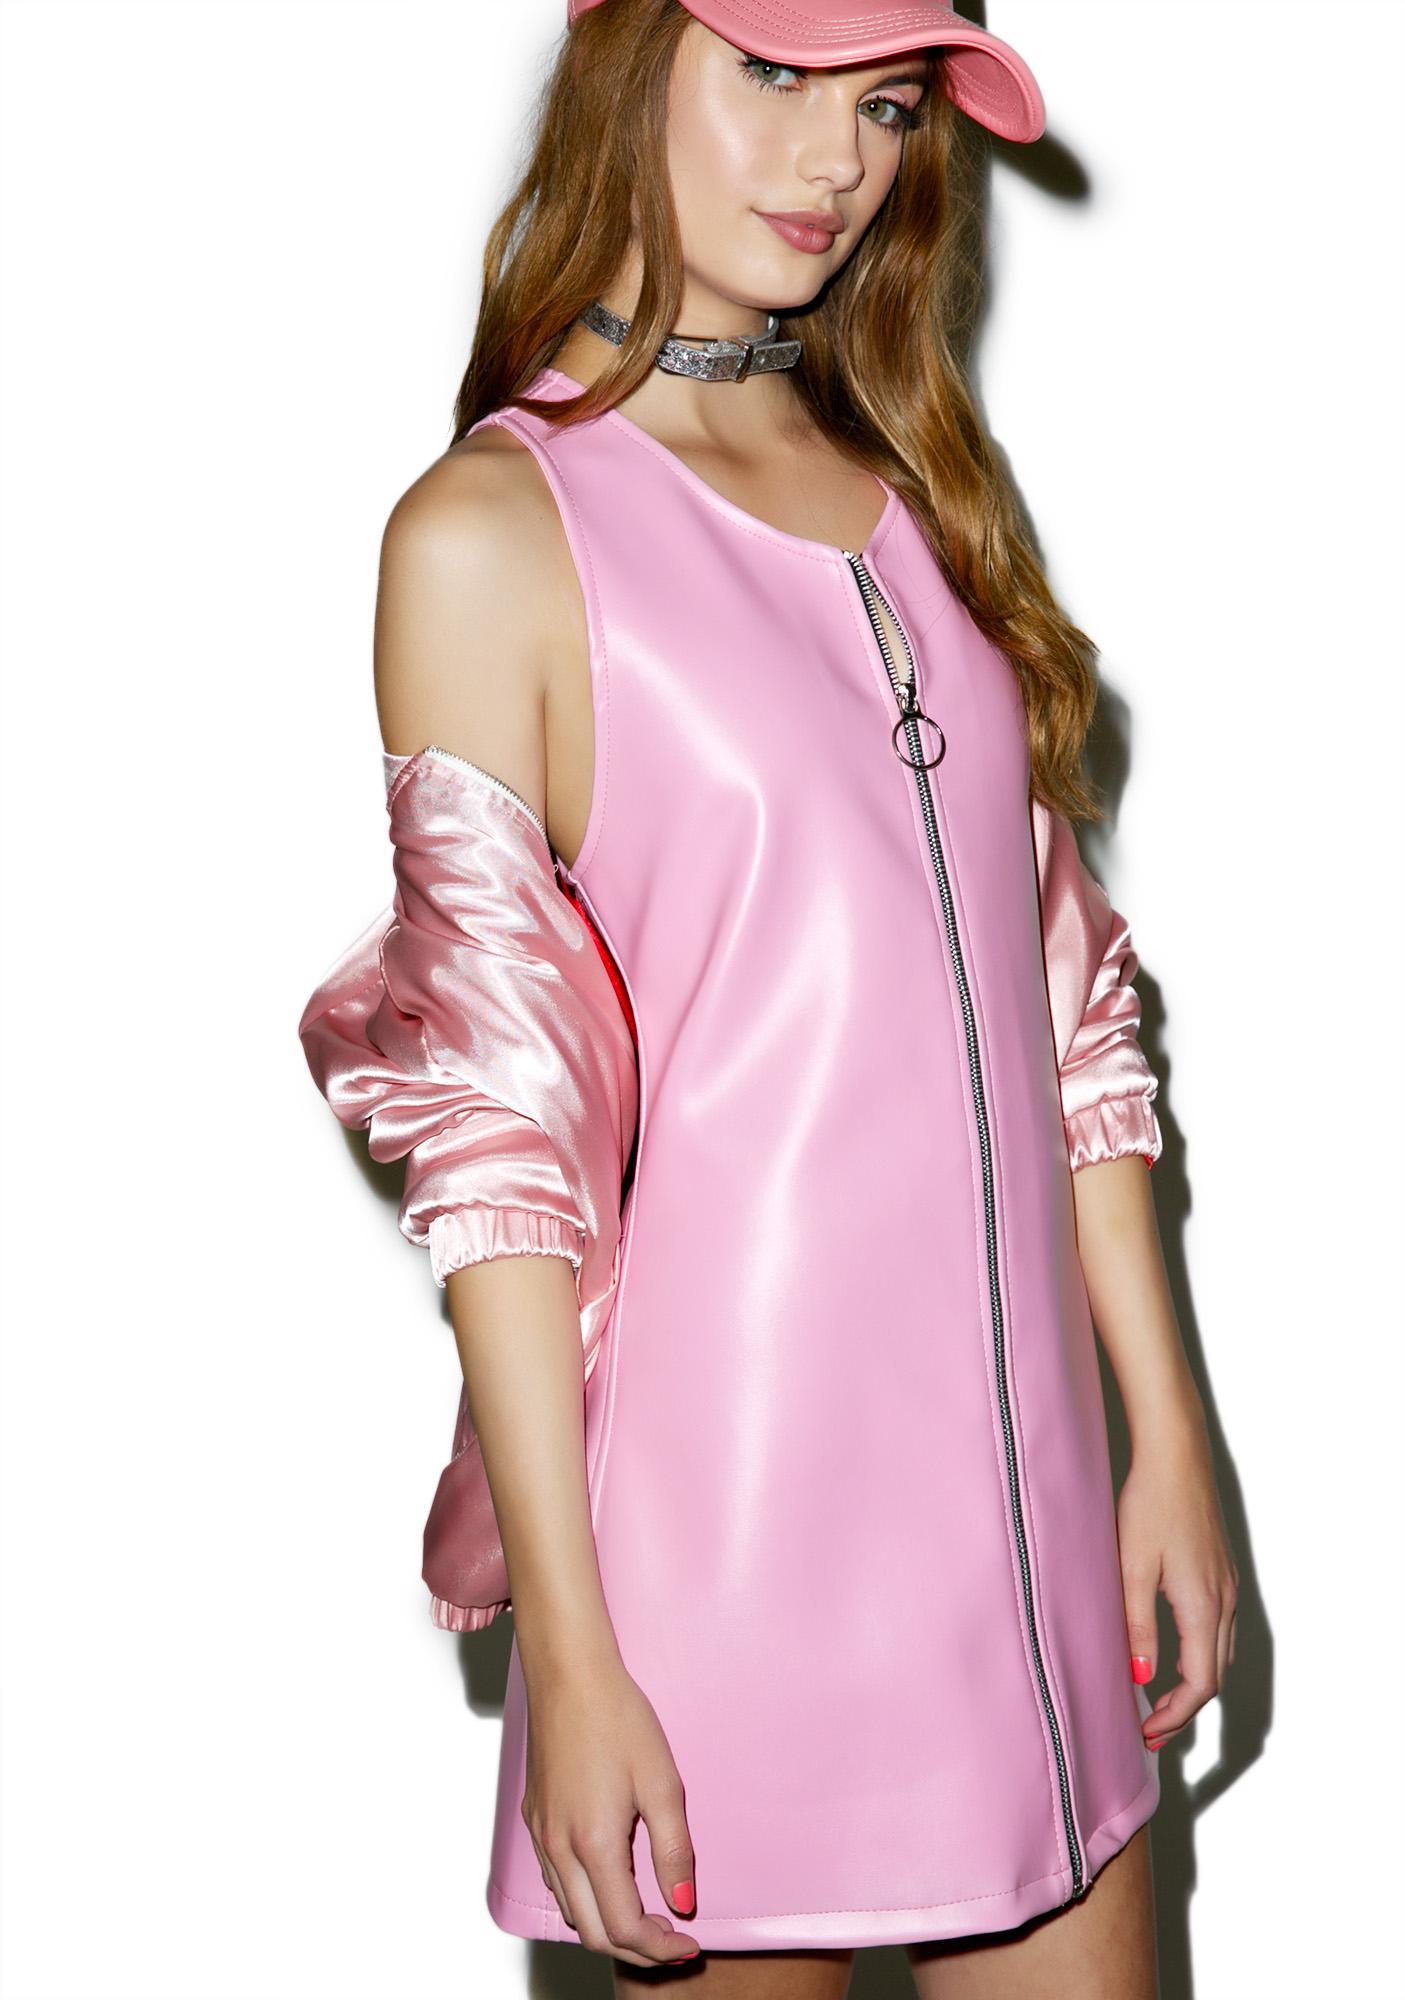 Valfré Angelique Dress